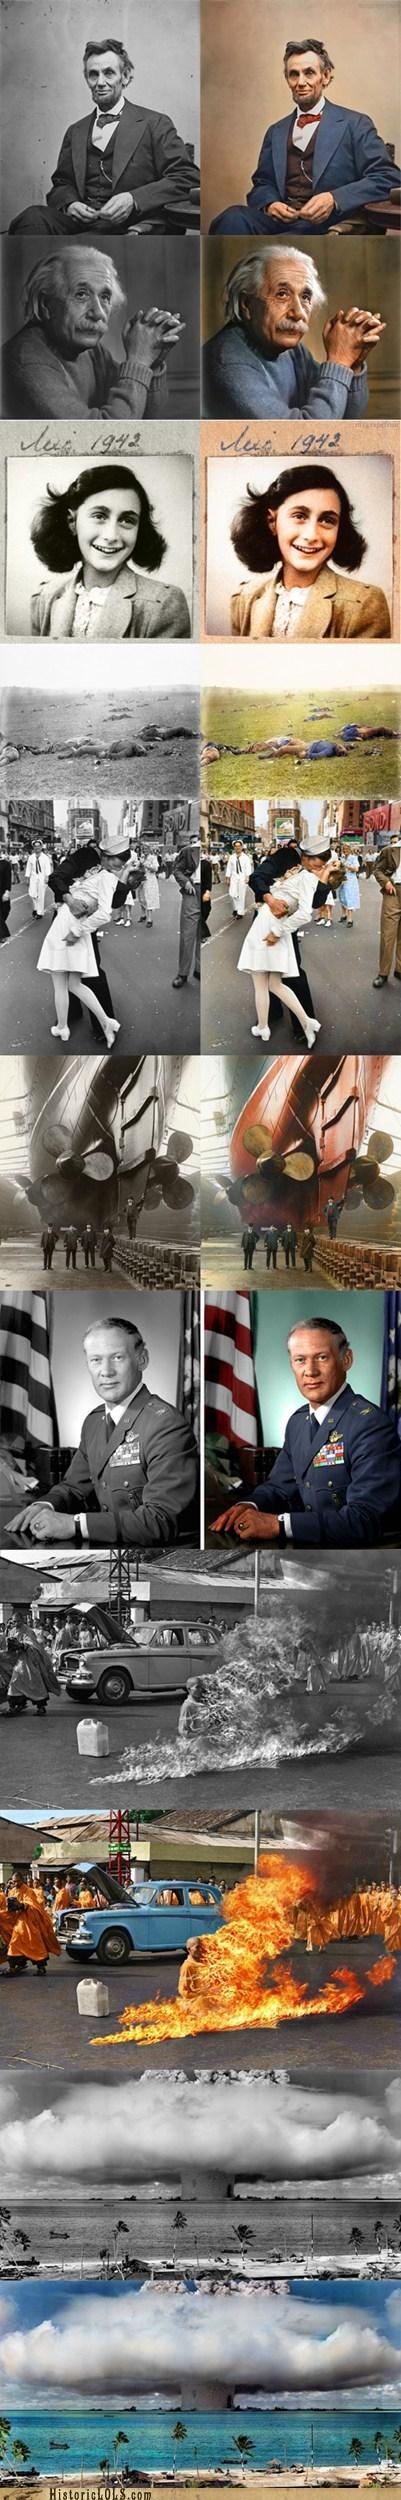 color historic lols history Photo - 5685709056